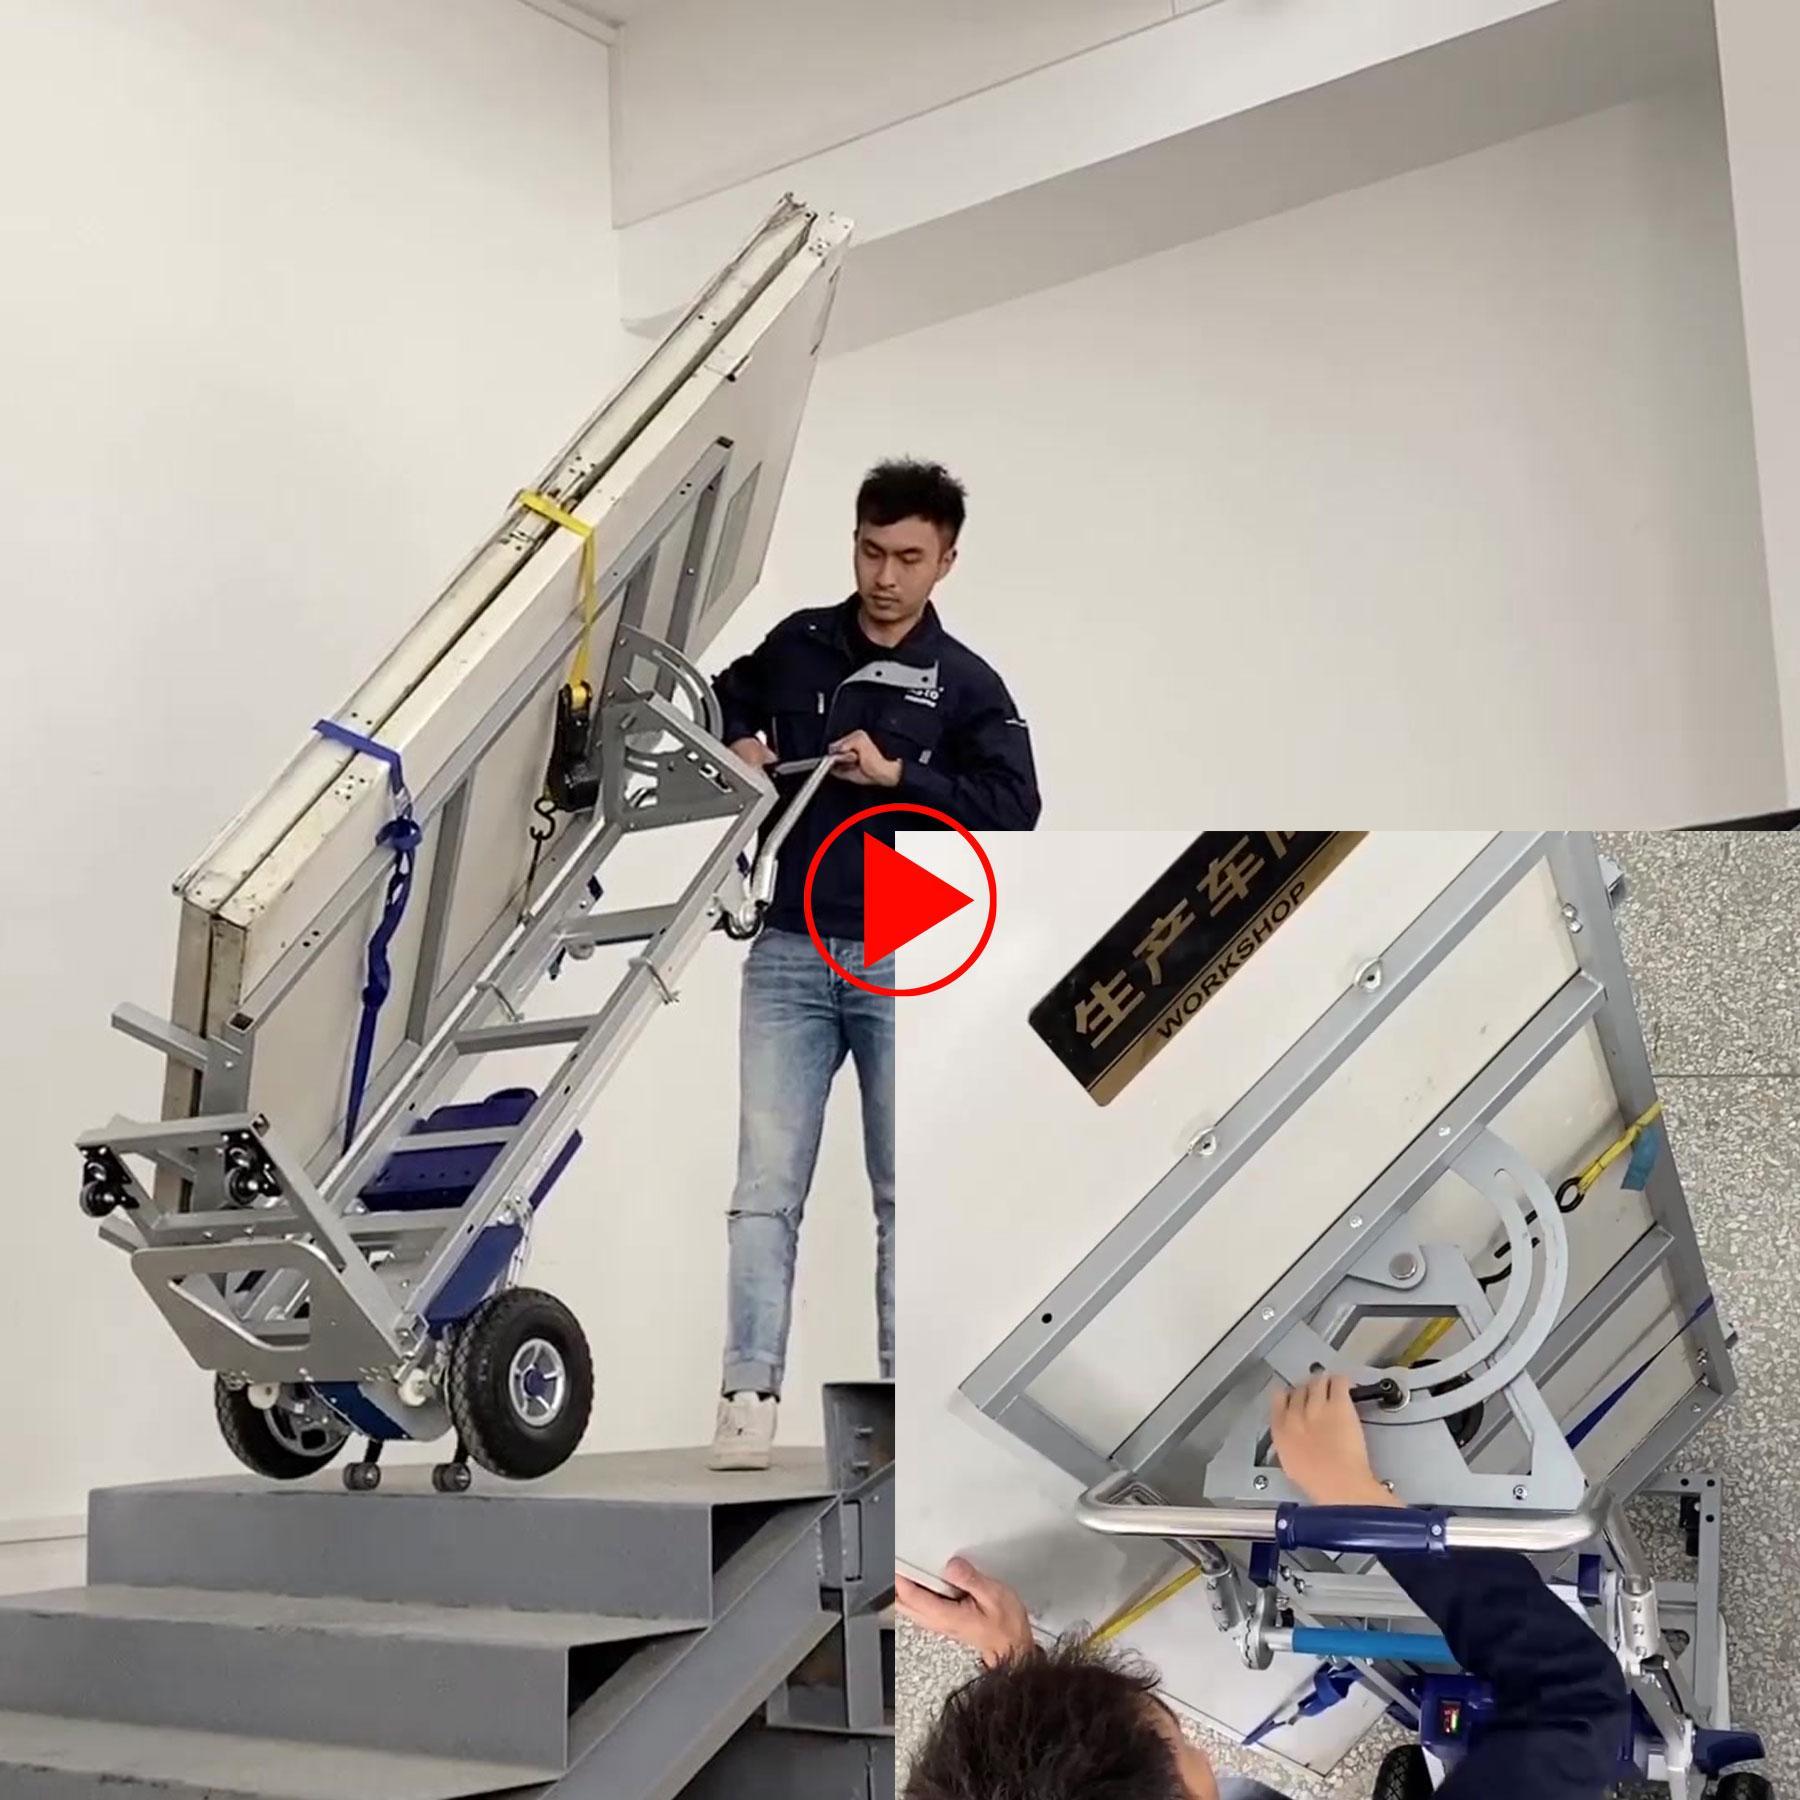 Türen oder Fensterelemente werden gesichert elektrisch die Treppe nach oben gefahren, schwenkbare Aufnahme für die Lasten